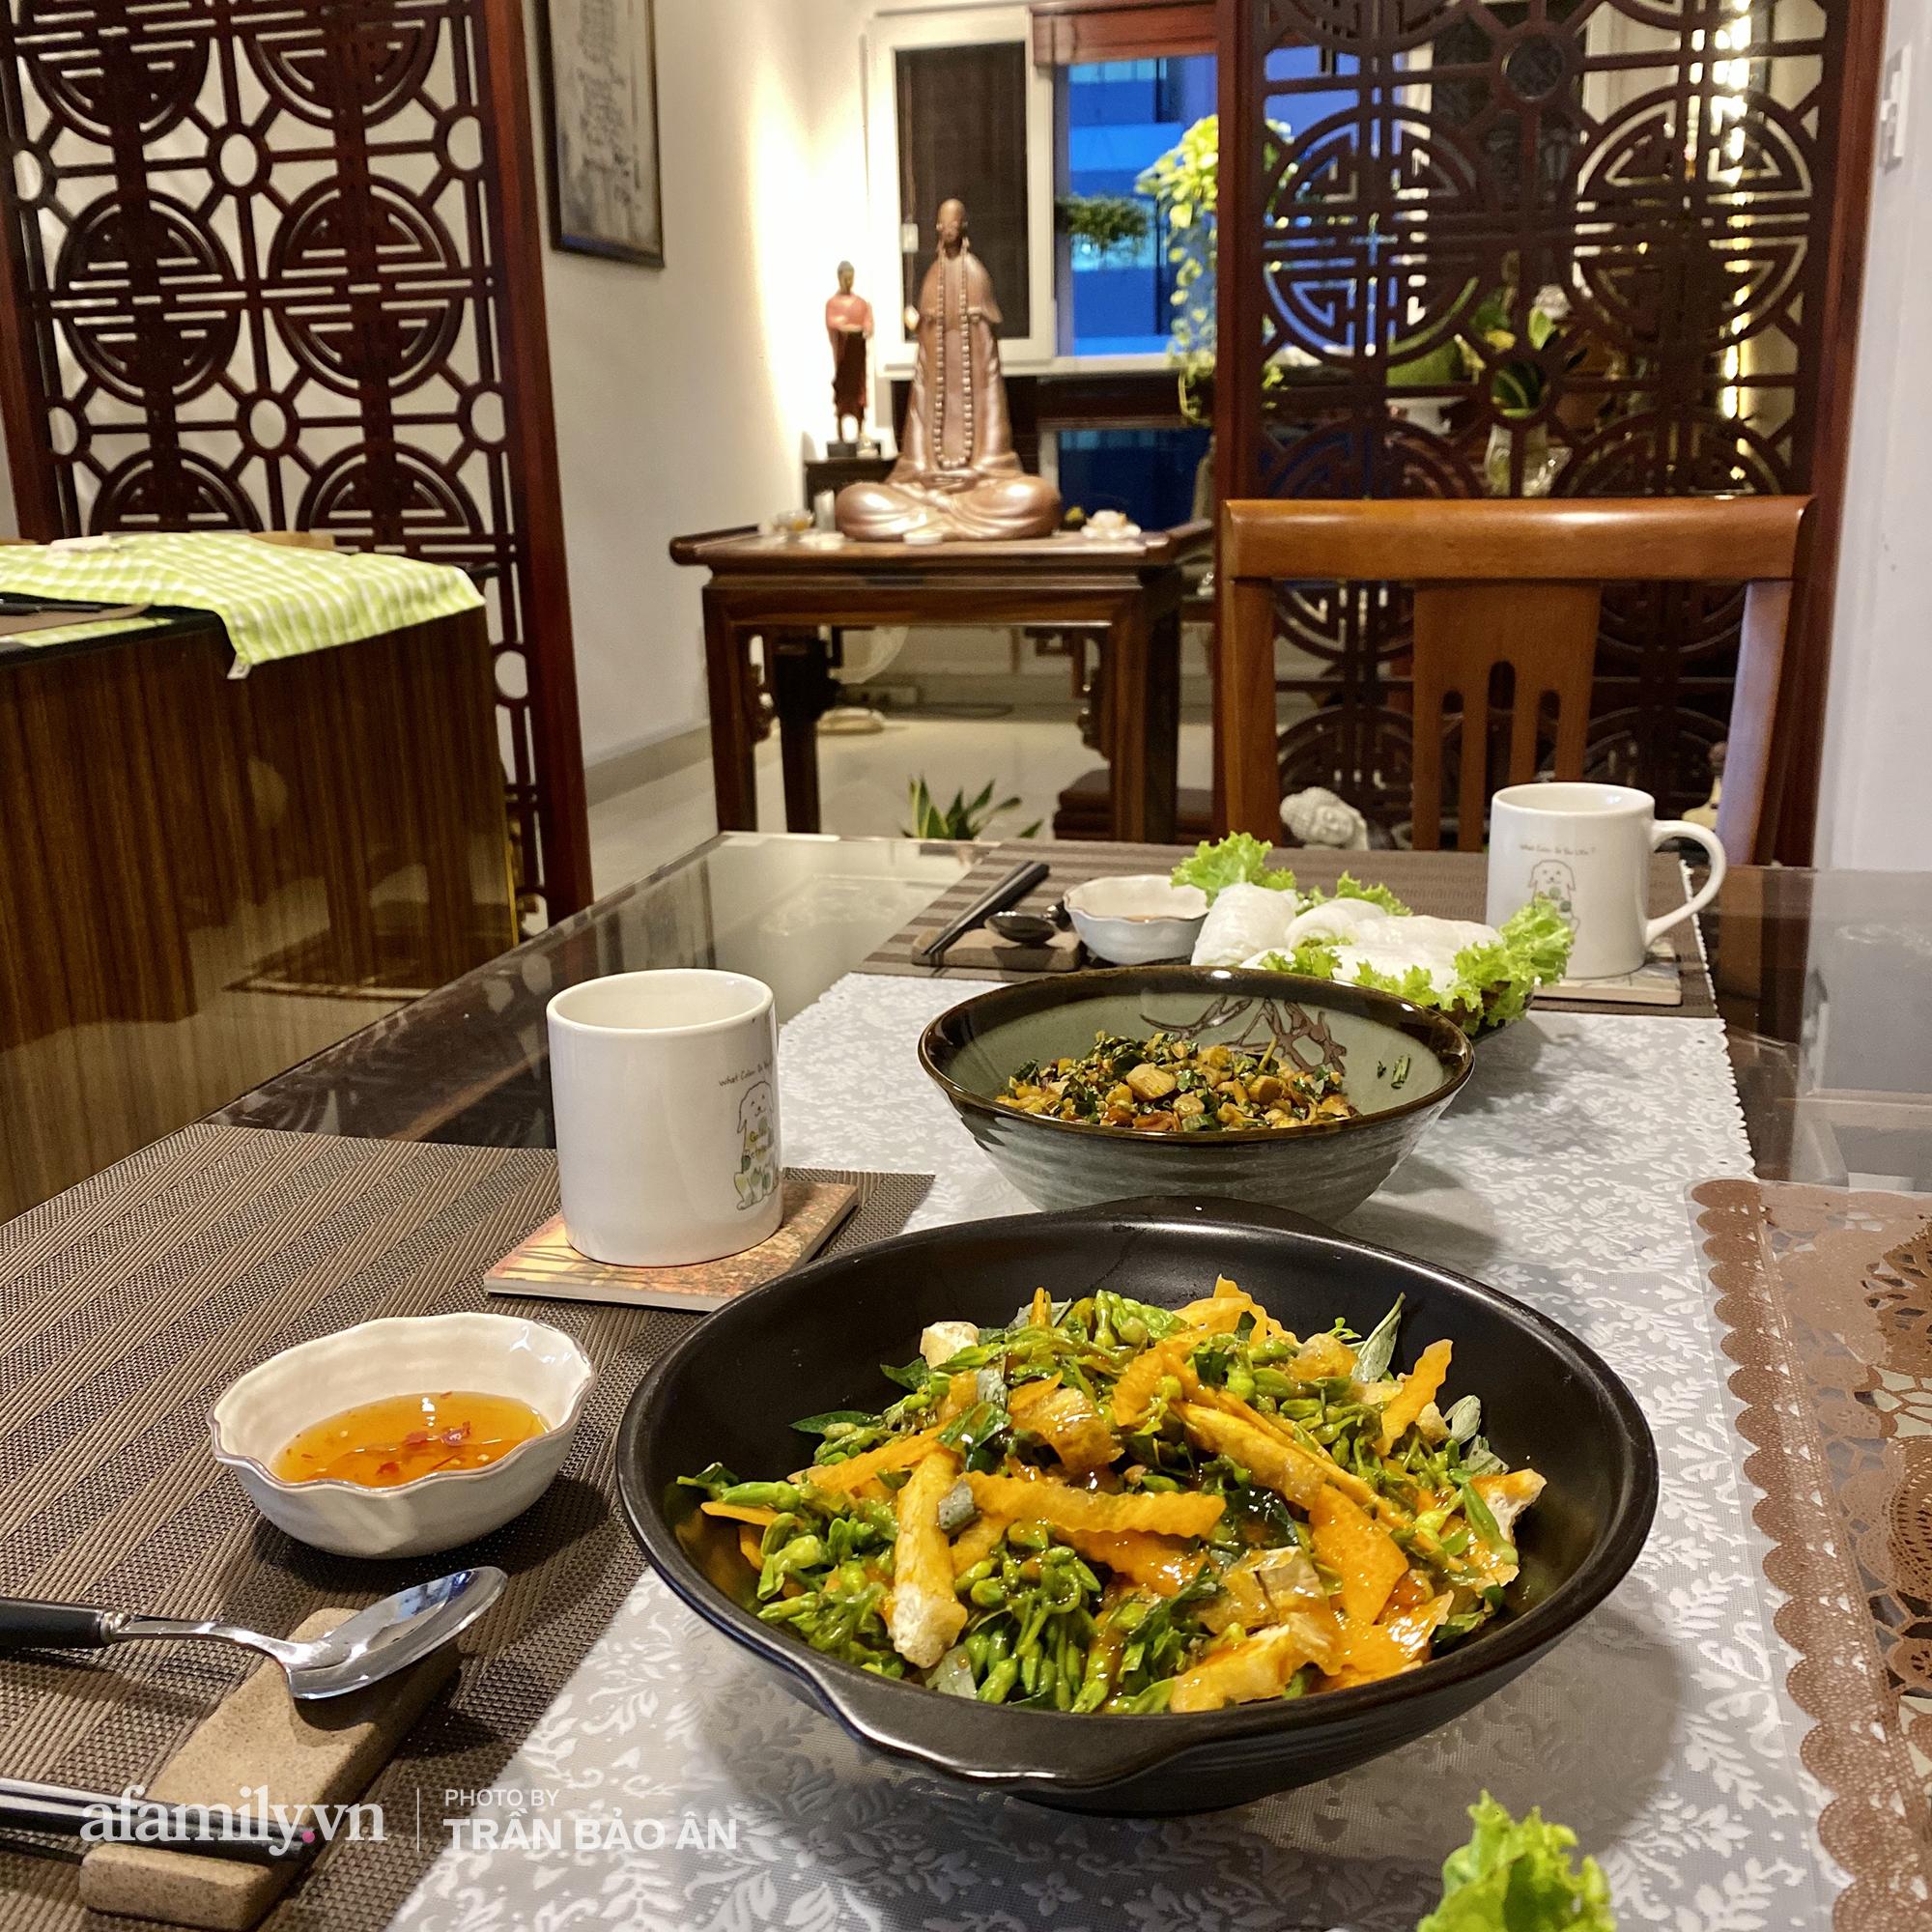 Những hình ảnh hiếm hoi tại nhà của Nghệ nhân ẩm thực Nguyễn Dzoãn Cẩm Vân kể từ khi xuất gia và bữa cơm chay do đích thân cô xuống bếp thiết đãi - Ảnh 9.